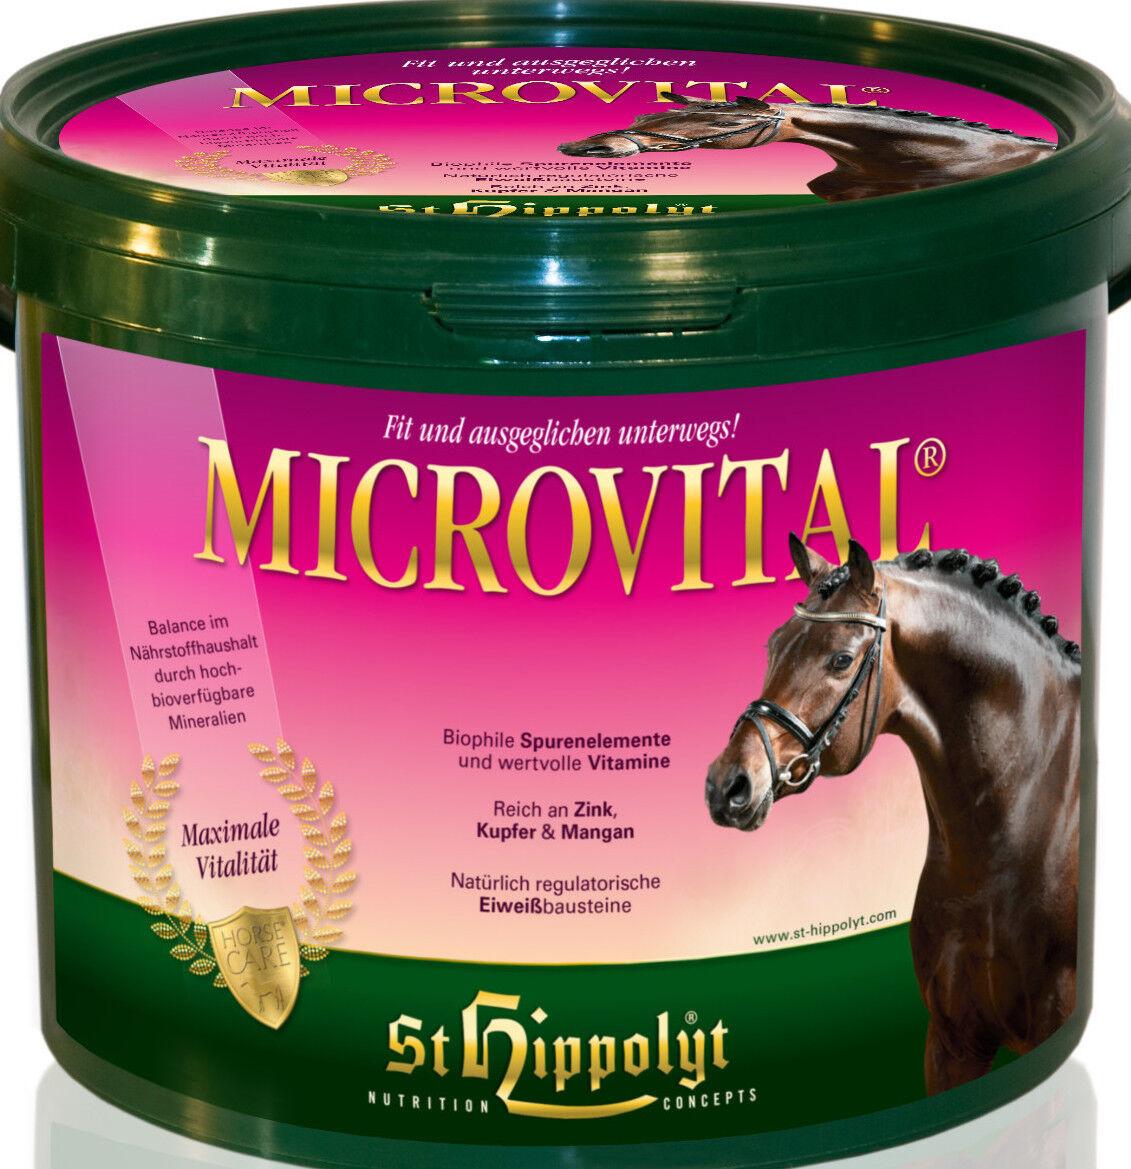 St. Hippolyt  MicroVital 10 kg immer ganz frische Ware      lilliundmac